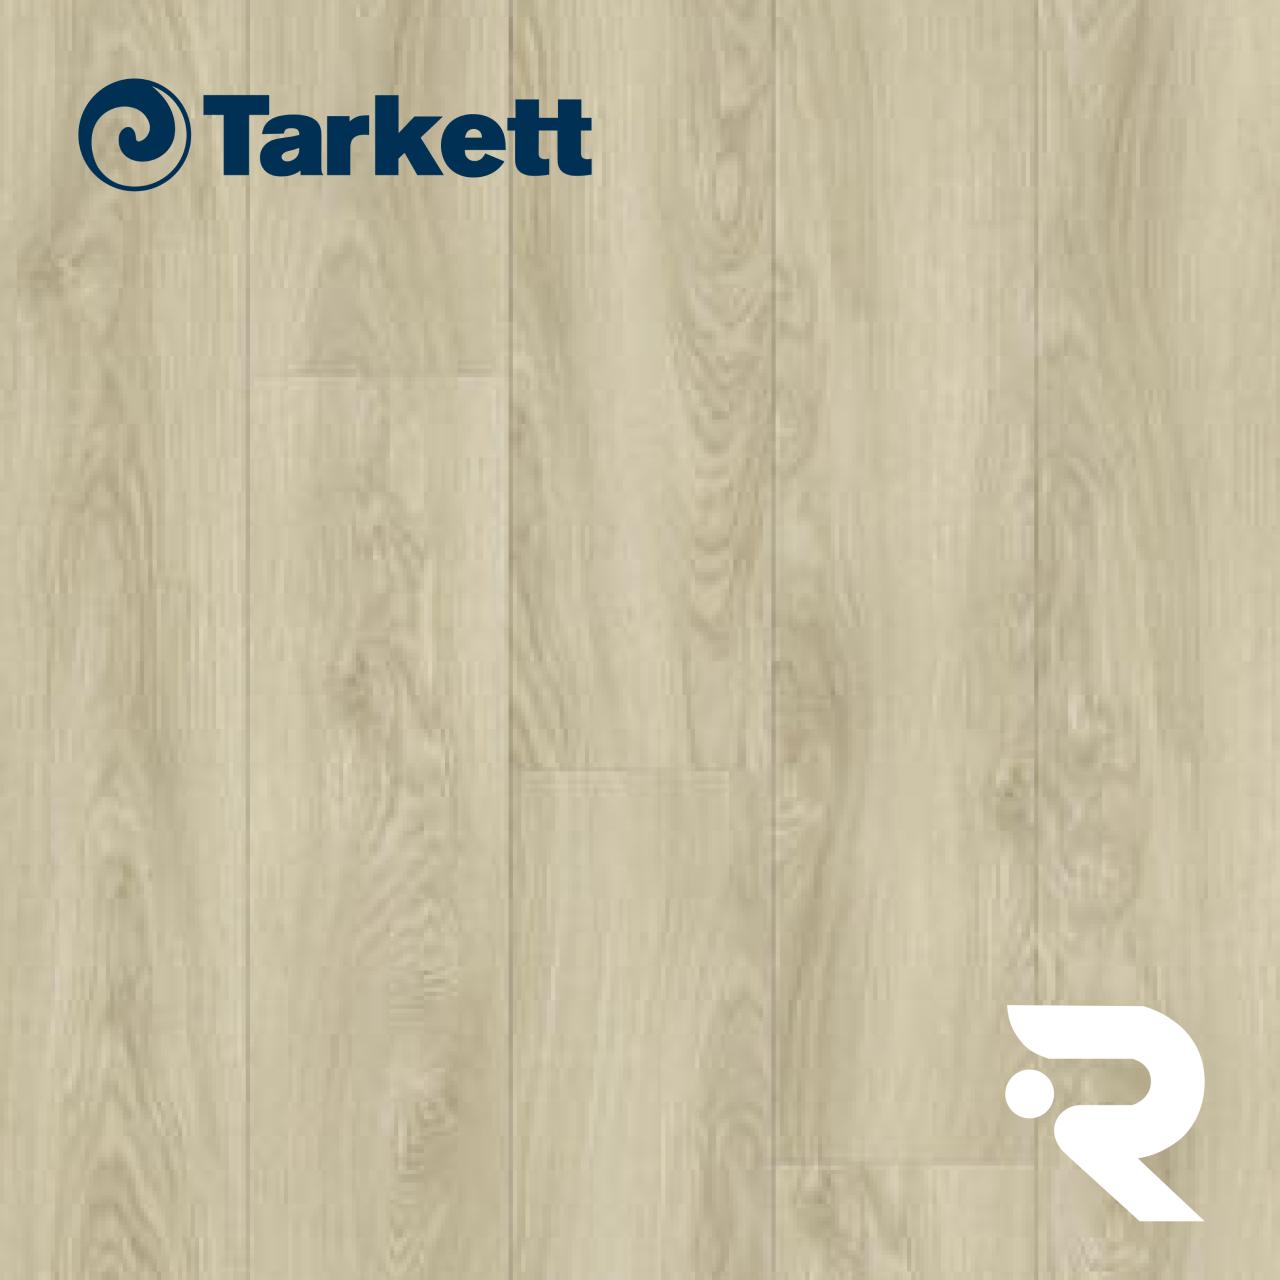 🌳 ПВХ плитка Tarkett | ModularT 7 - OAK ORIGIN BEIGE STONE | Art Vinyl | 1200 x 200 мм